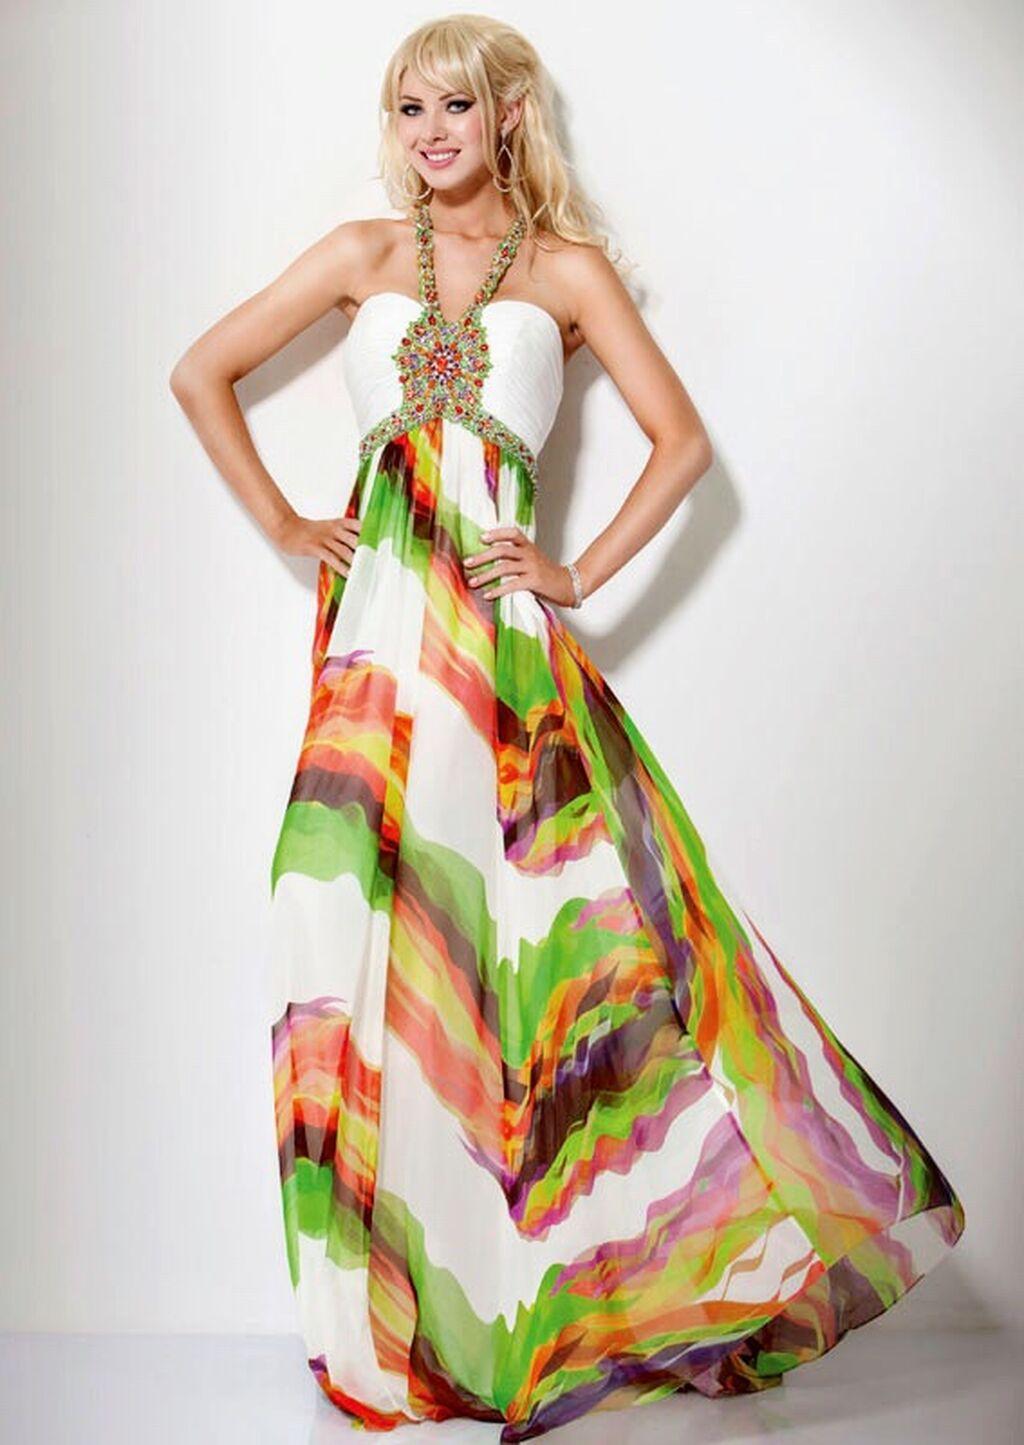 Brend JOVANI. Дизайнерское оригинальное платье от Джовани. Камни от: Brend JOVANI. Дизайнерское оригинальное платье от Джовани. Камни от